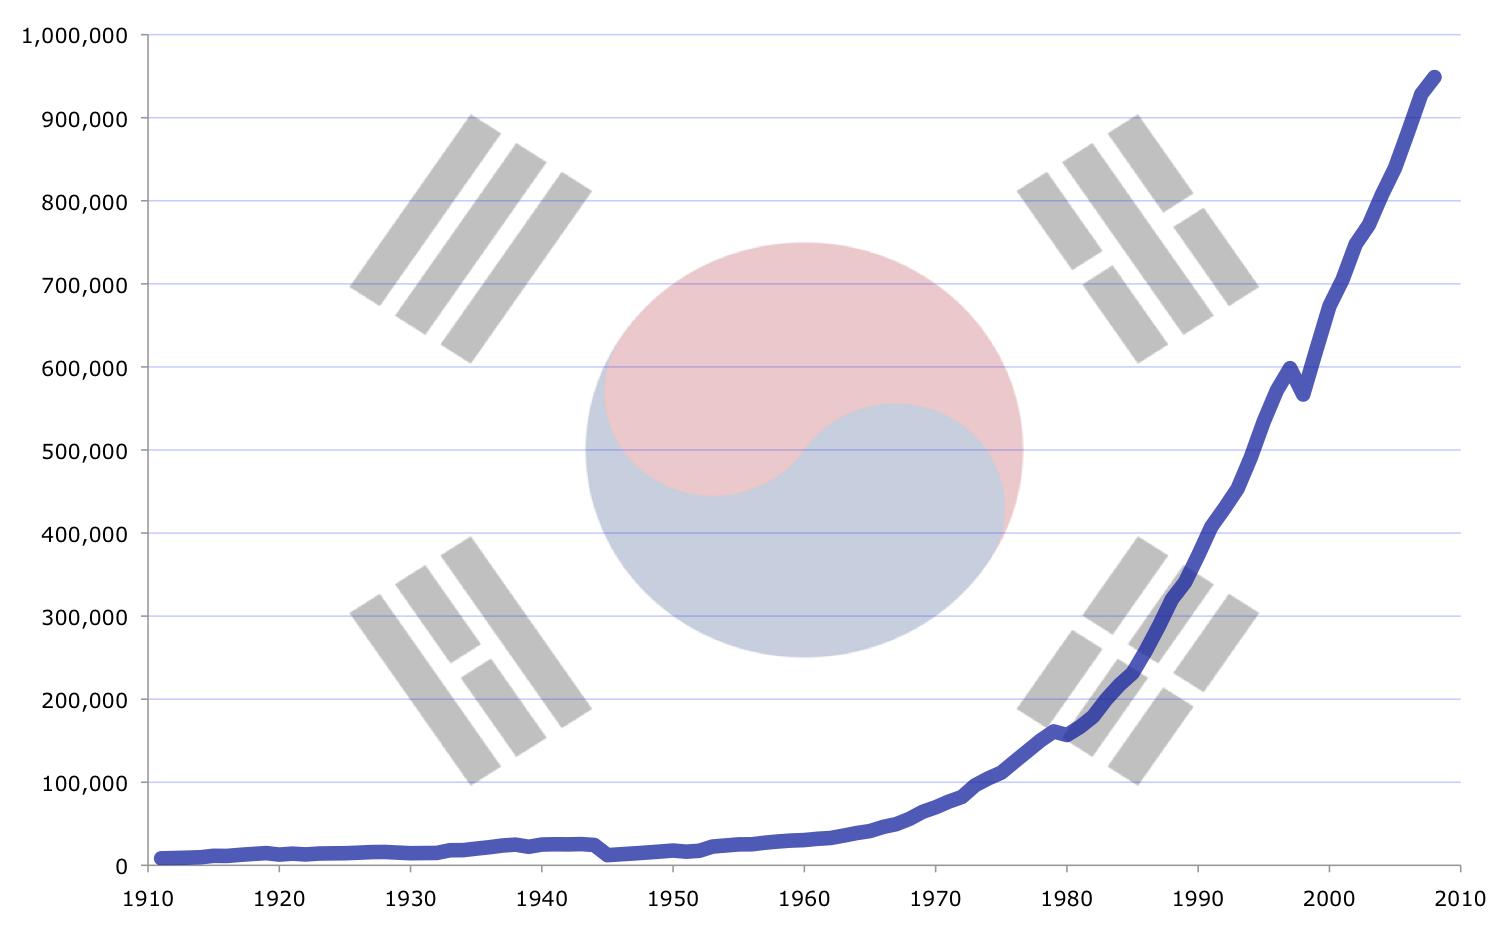 ドイツ人アーティスト「ジャップが韓国を発展させたのは日本の支配のお陰と言っていたから怒鳴ってやった」